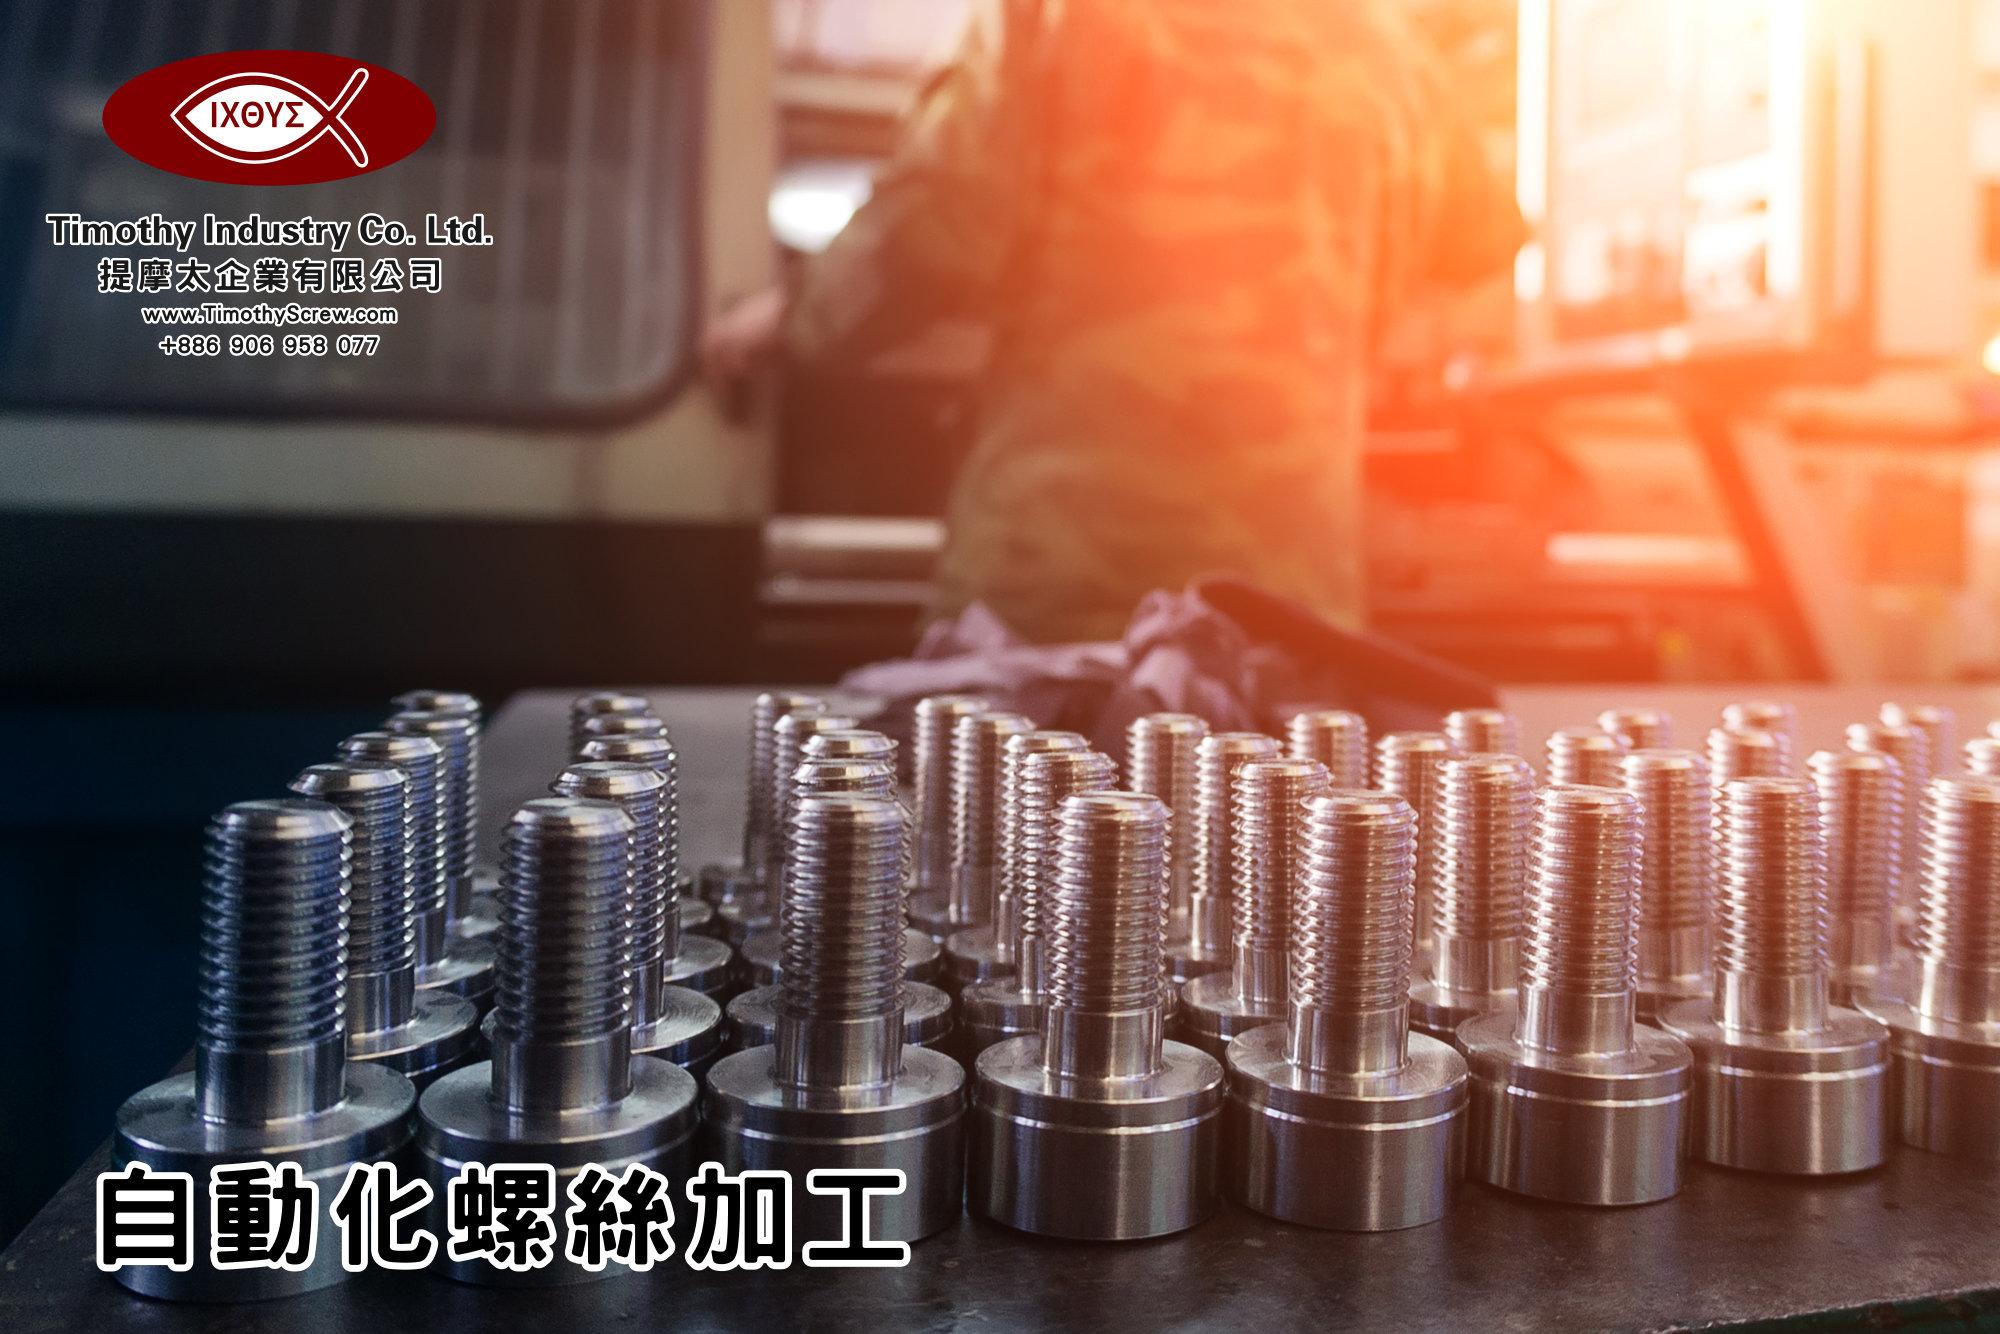 提摩太企業有限公司 Timothy Industry Co Ltd 自動化螺絲加工 車床部 銑床部 台灣自動化螺絲加工 螺絲製造 A18